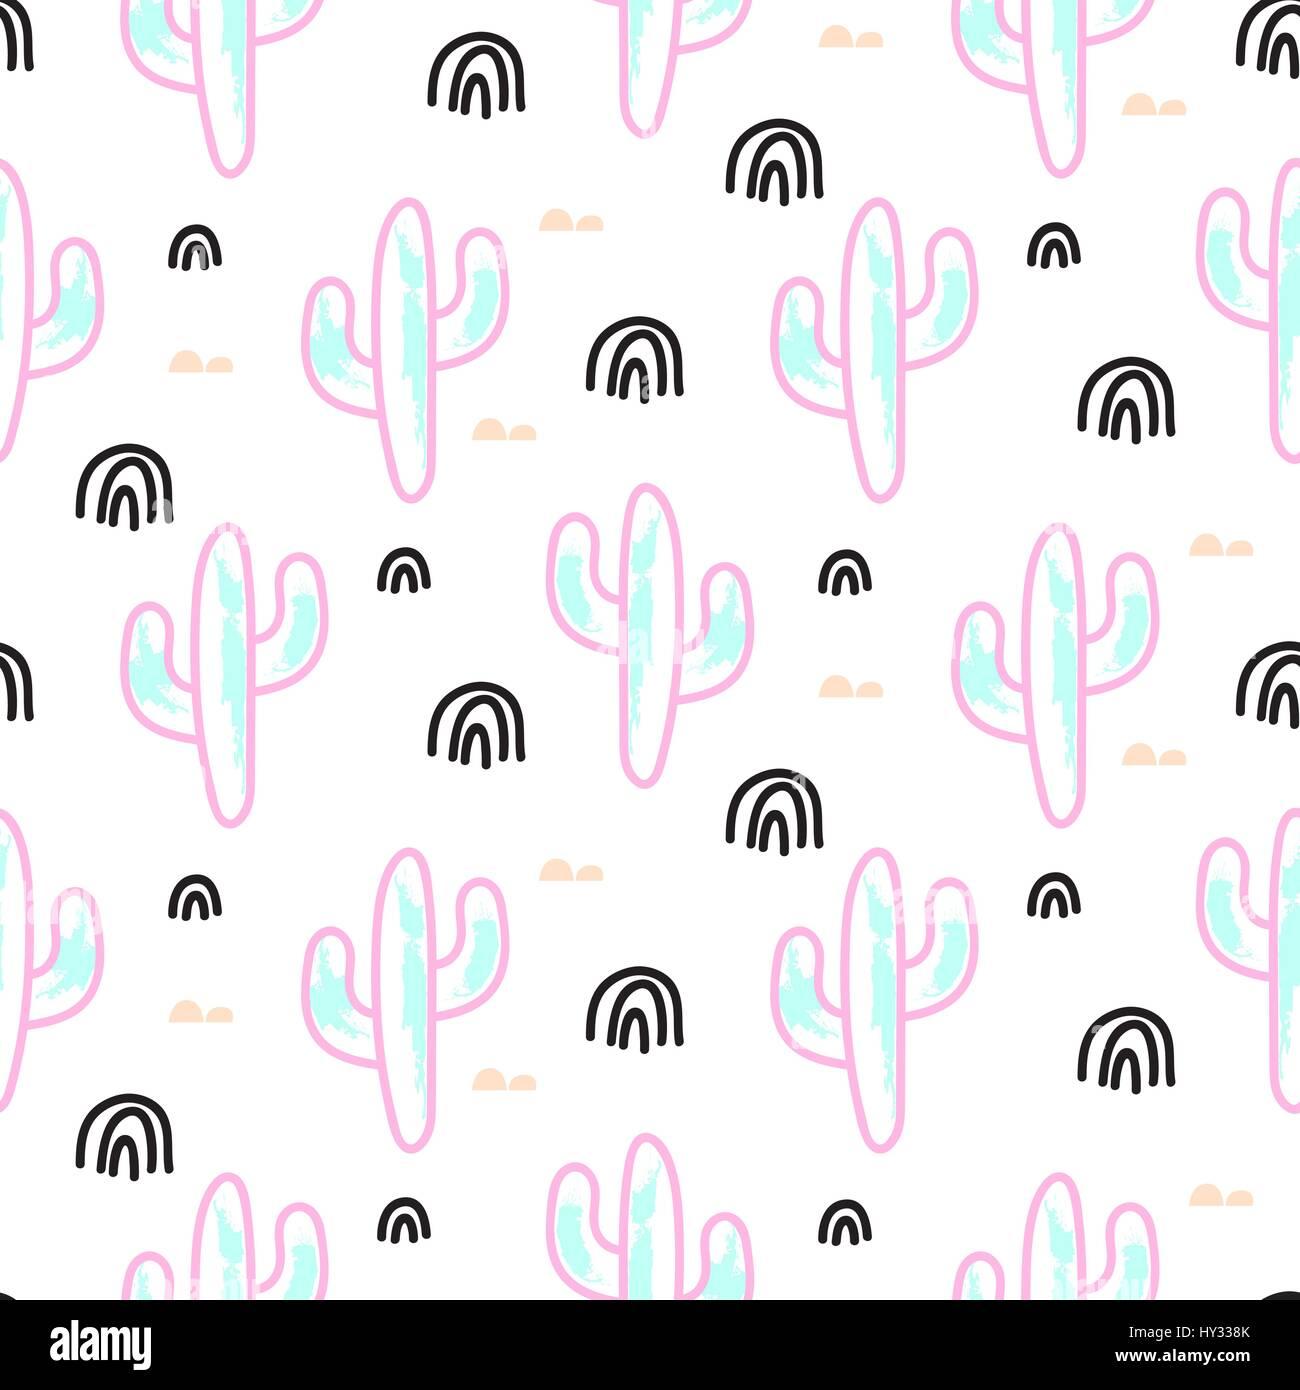 Cactus Vecteur Néon Transparente Dessin Animé Abstrait